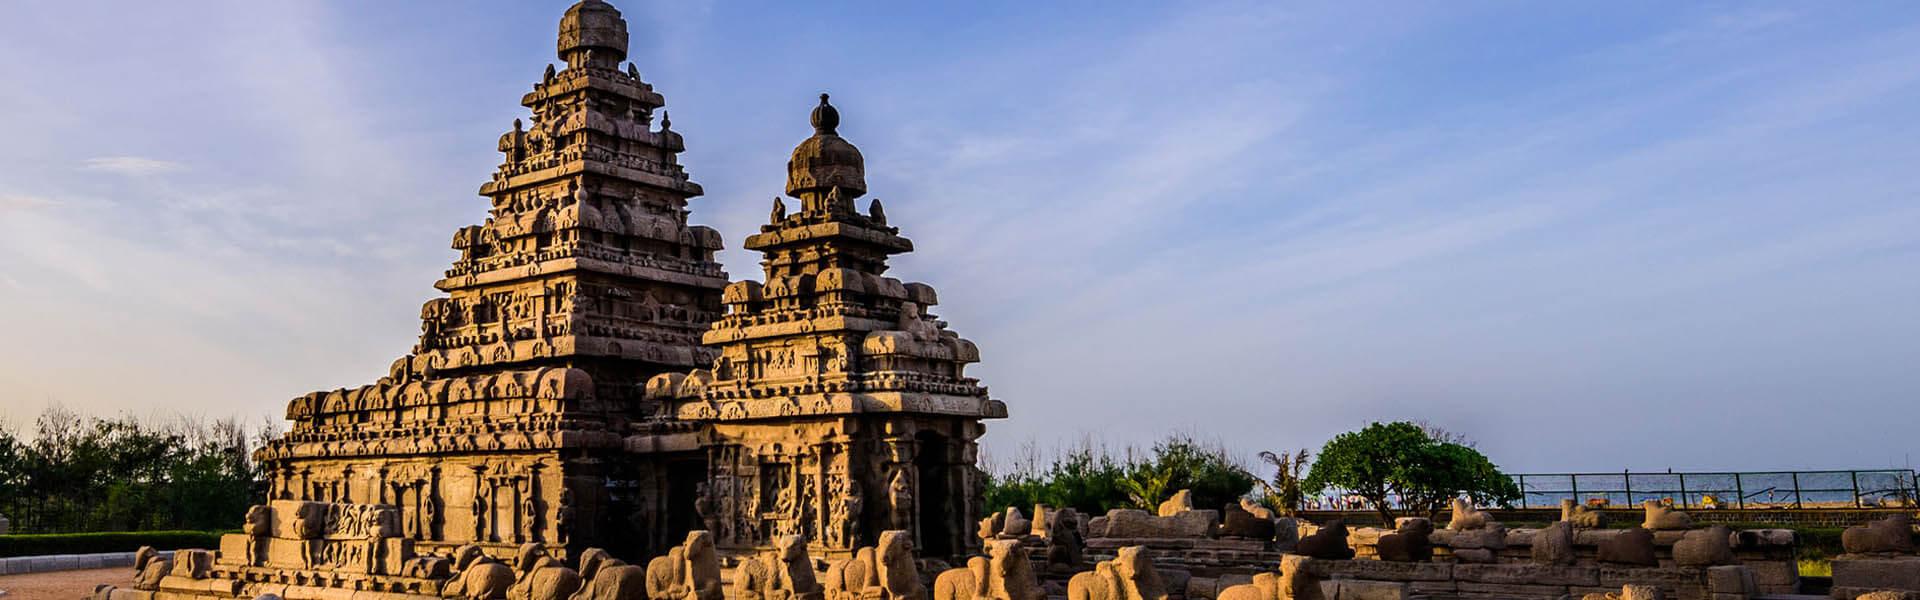 Highlights of South India, South India, South India Tour, South trip